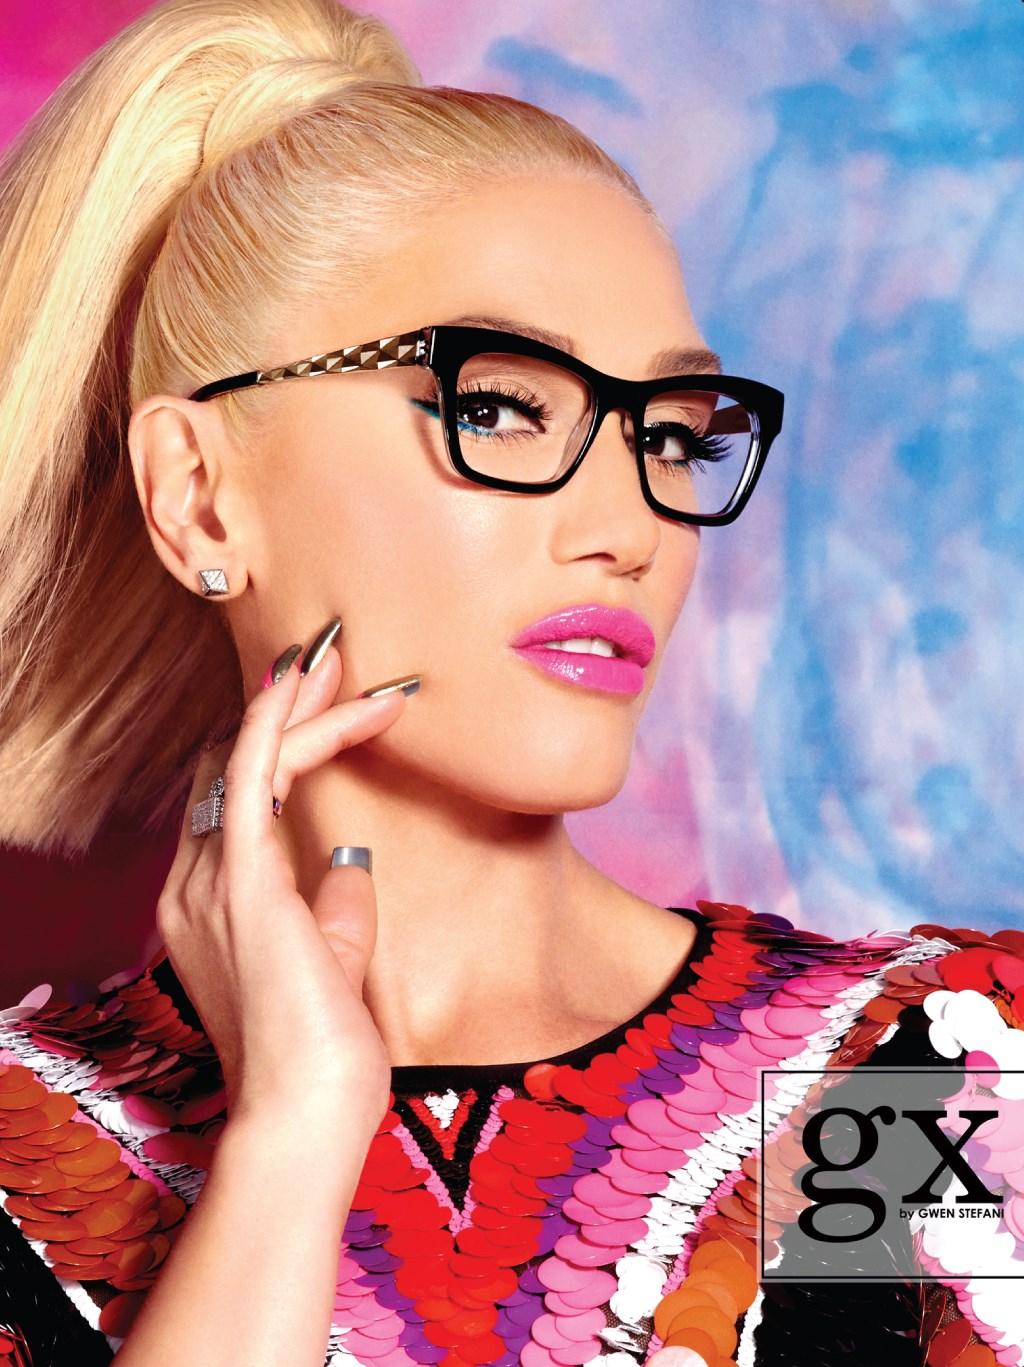 Gwen stefani jewelry line style guru fashion glitz for Mariah carey jewelry line claire s